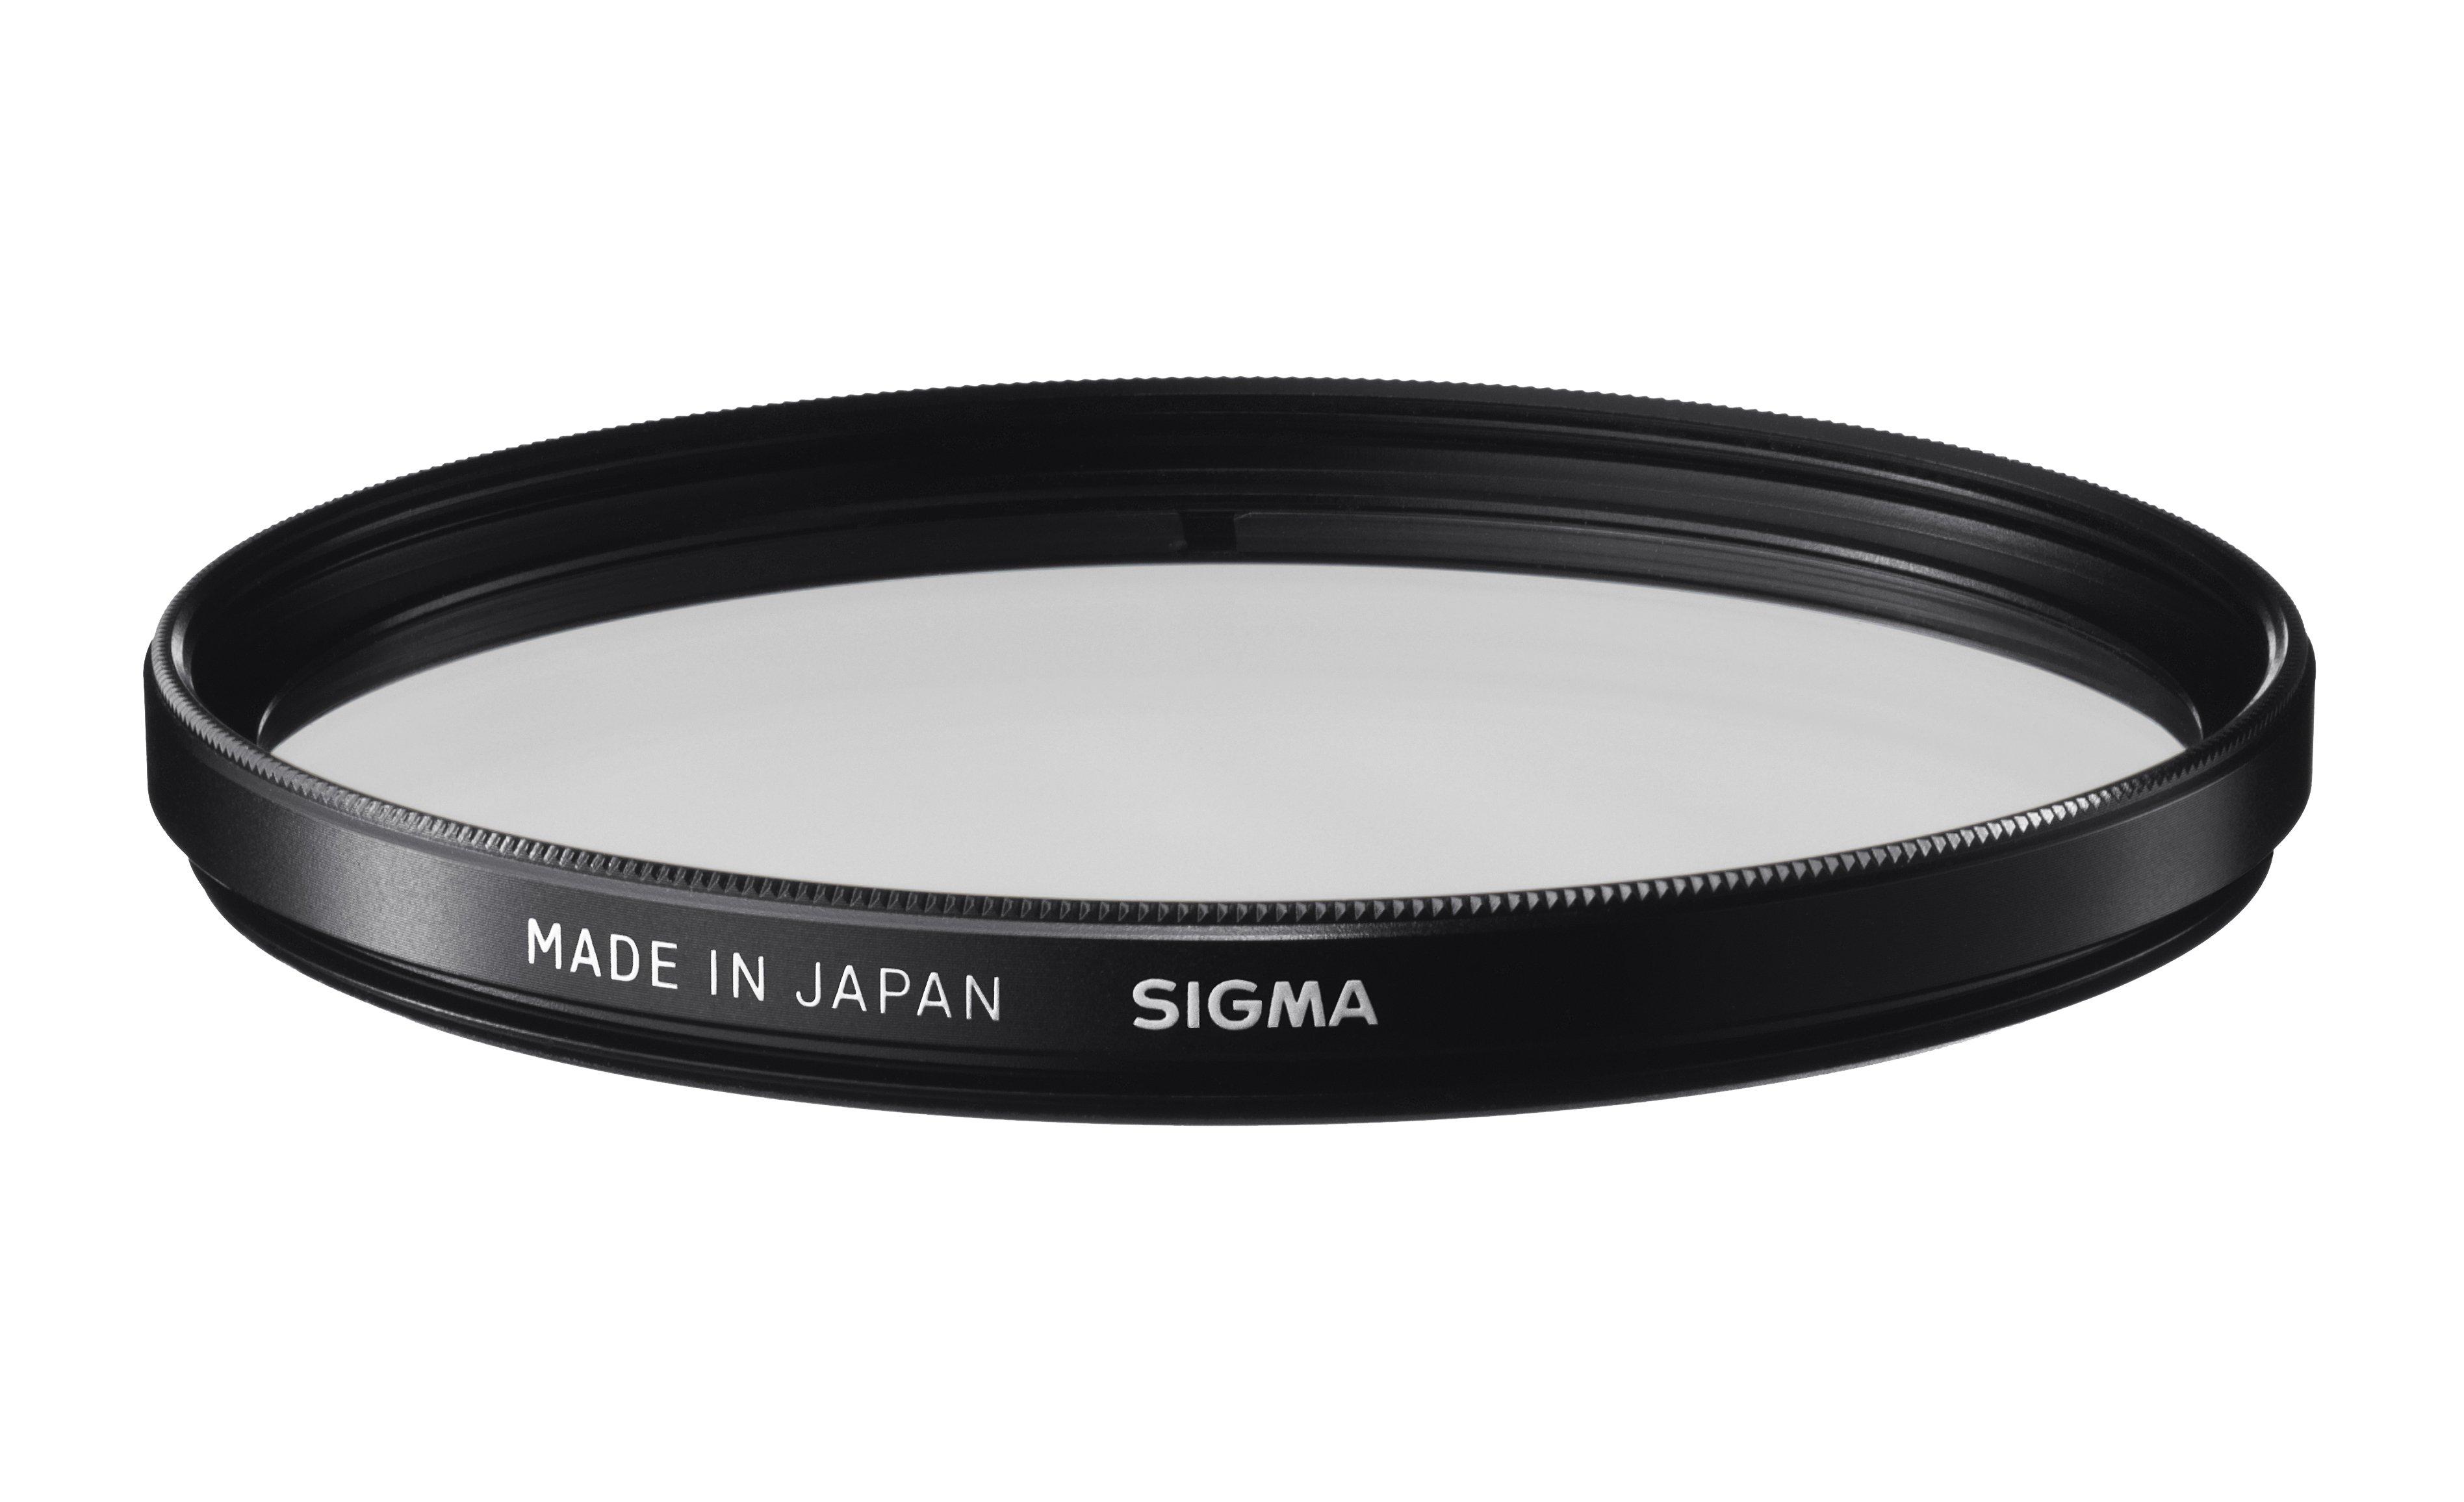 SIGMA filtr ochranný 86 mm WR